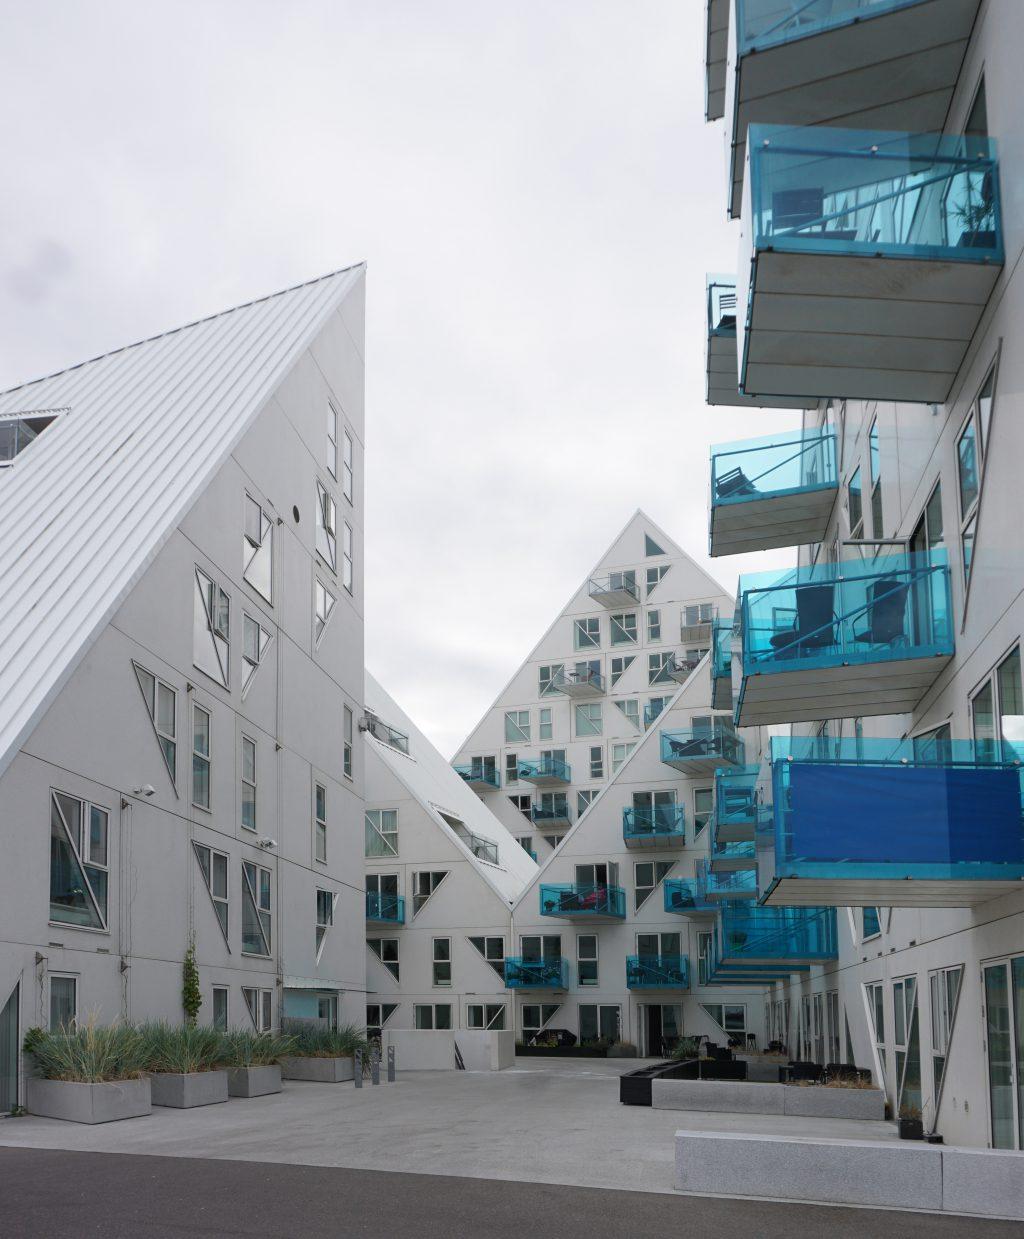 Isbjerget-Aarhus-3-Jacqueline-Knudsen